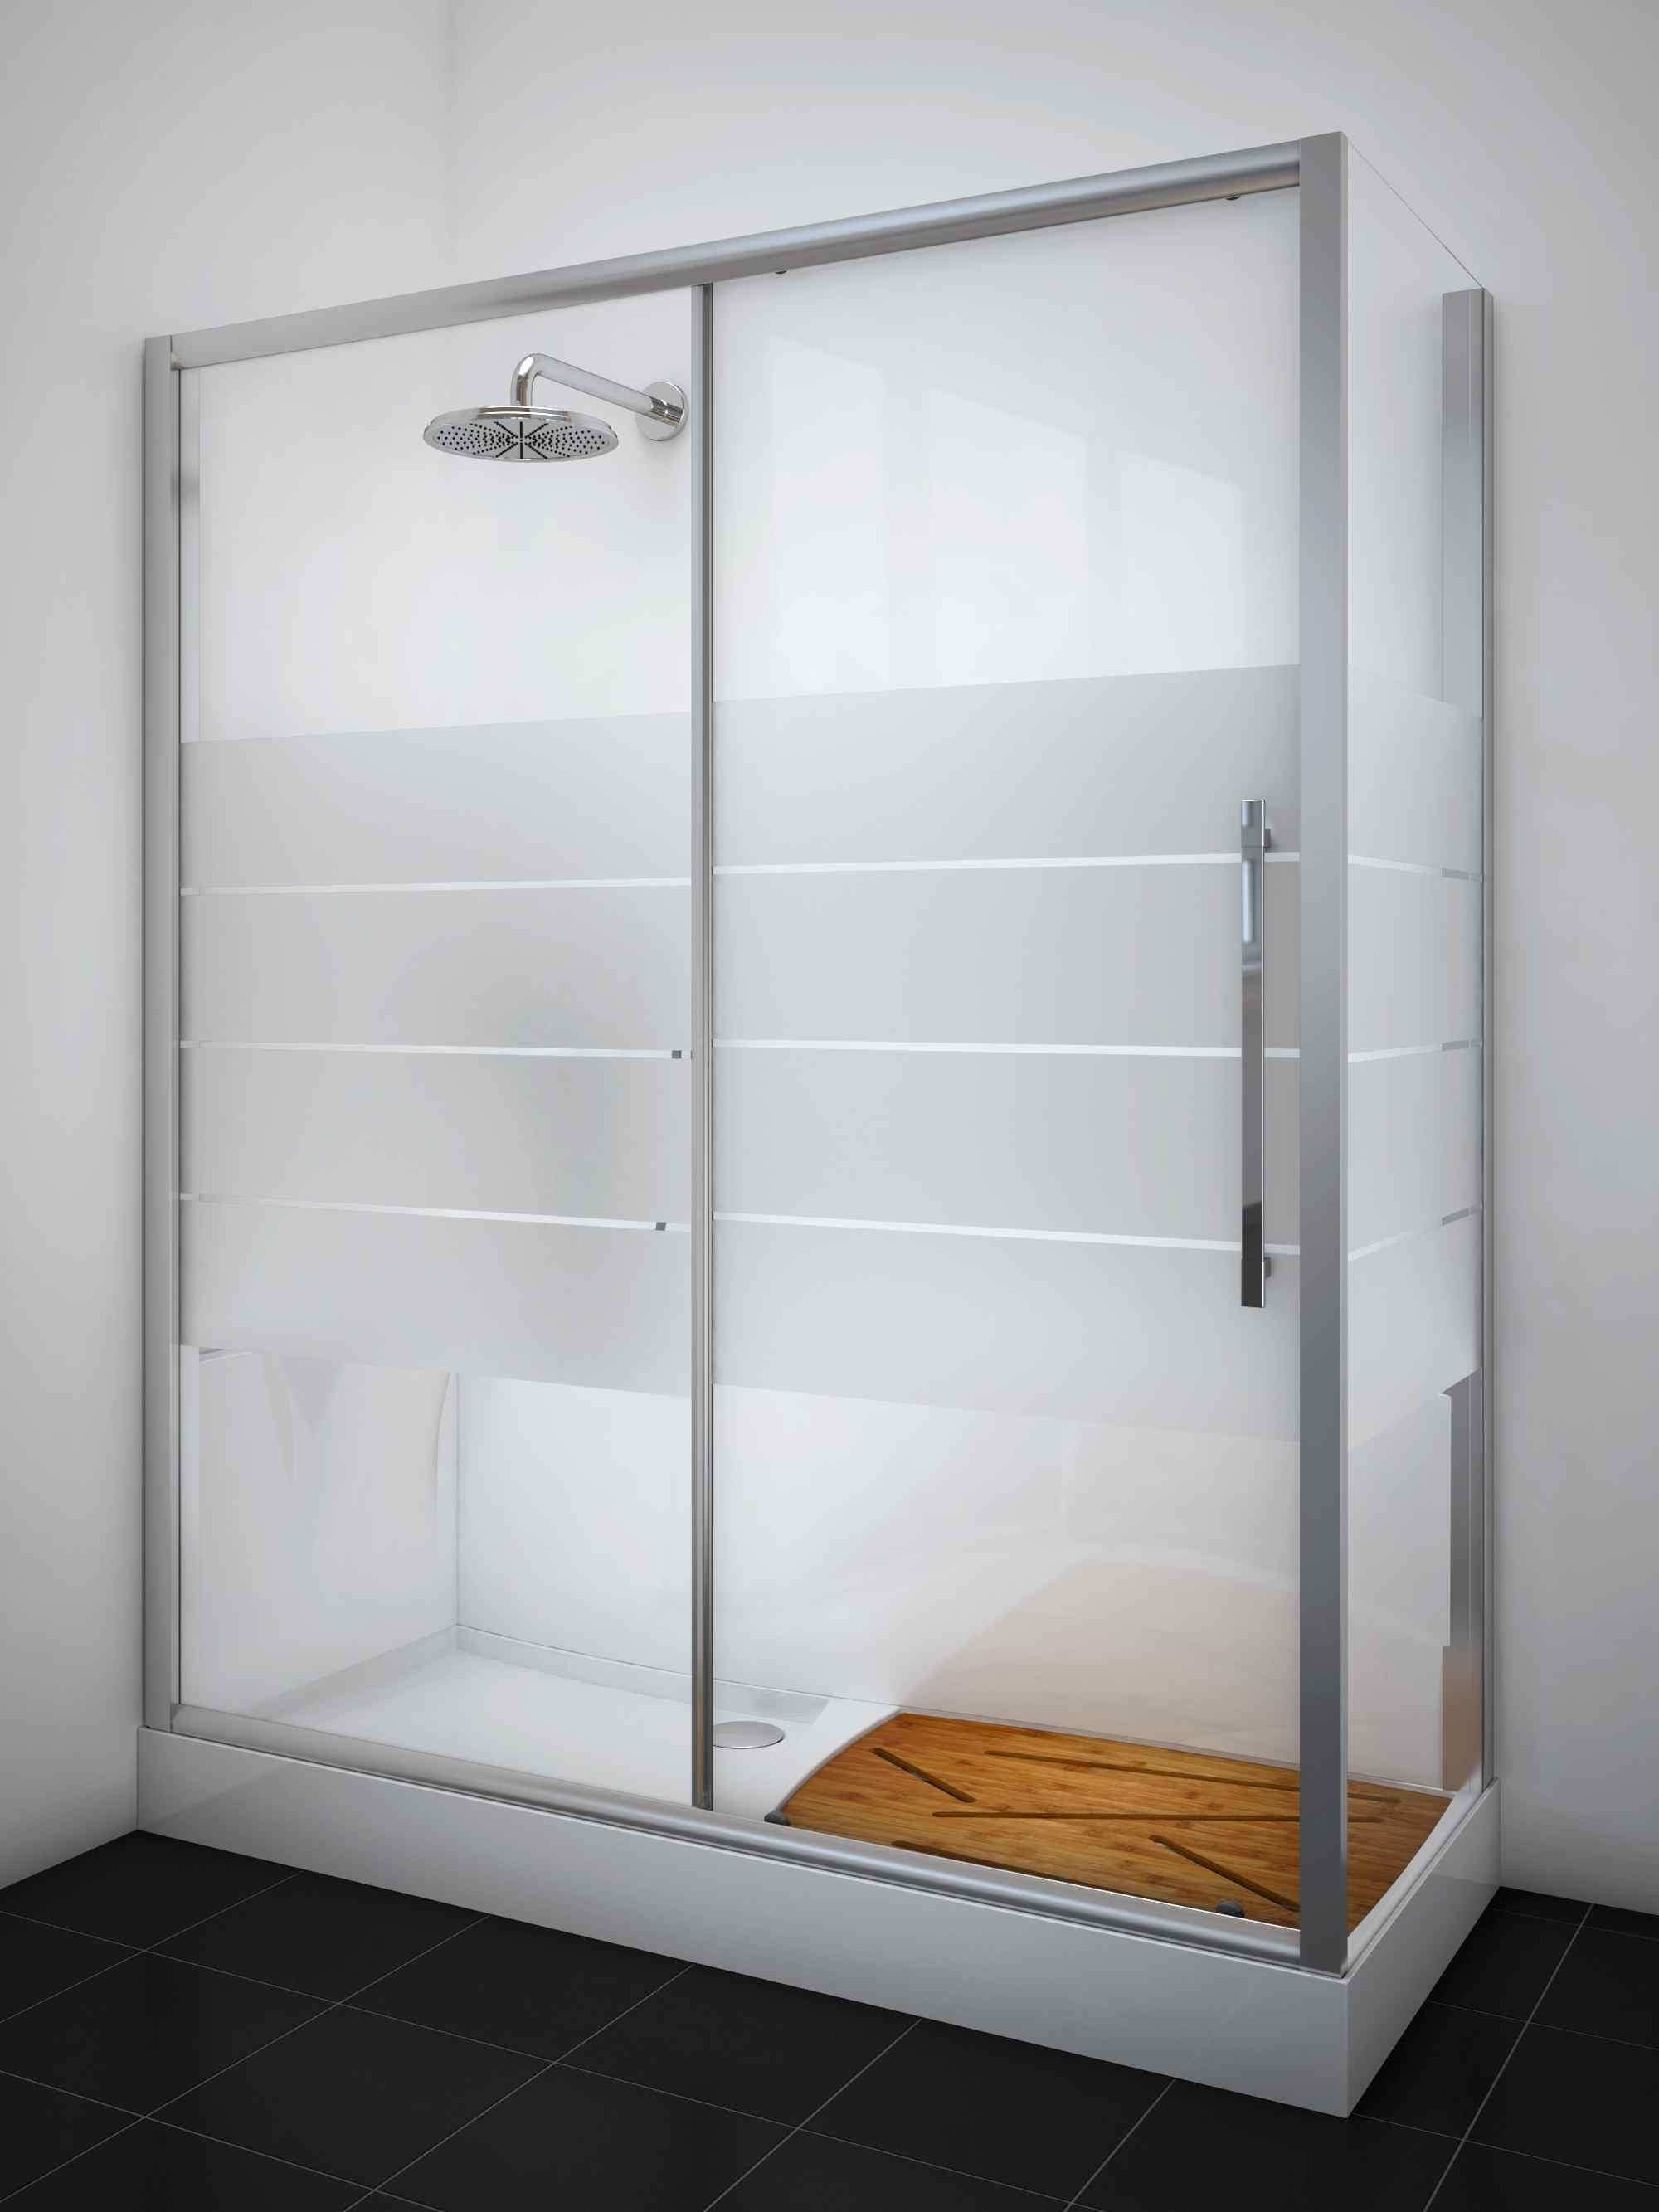 Trasforma facilmente la tua vasca da bagno in doccia senza - Box doccia senza silicone ...